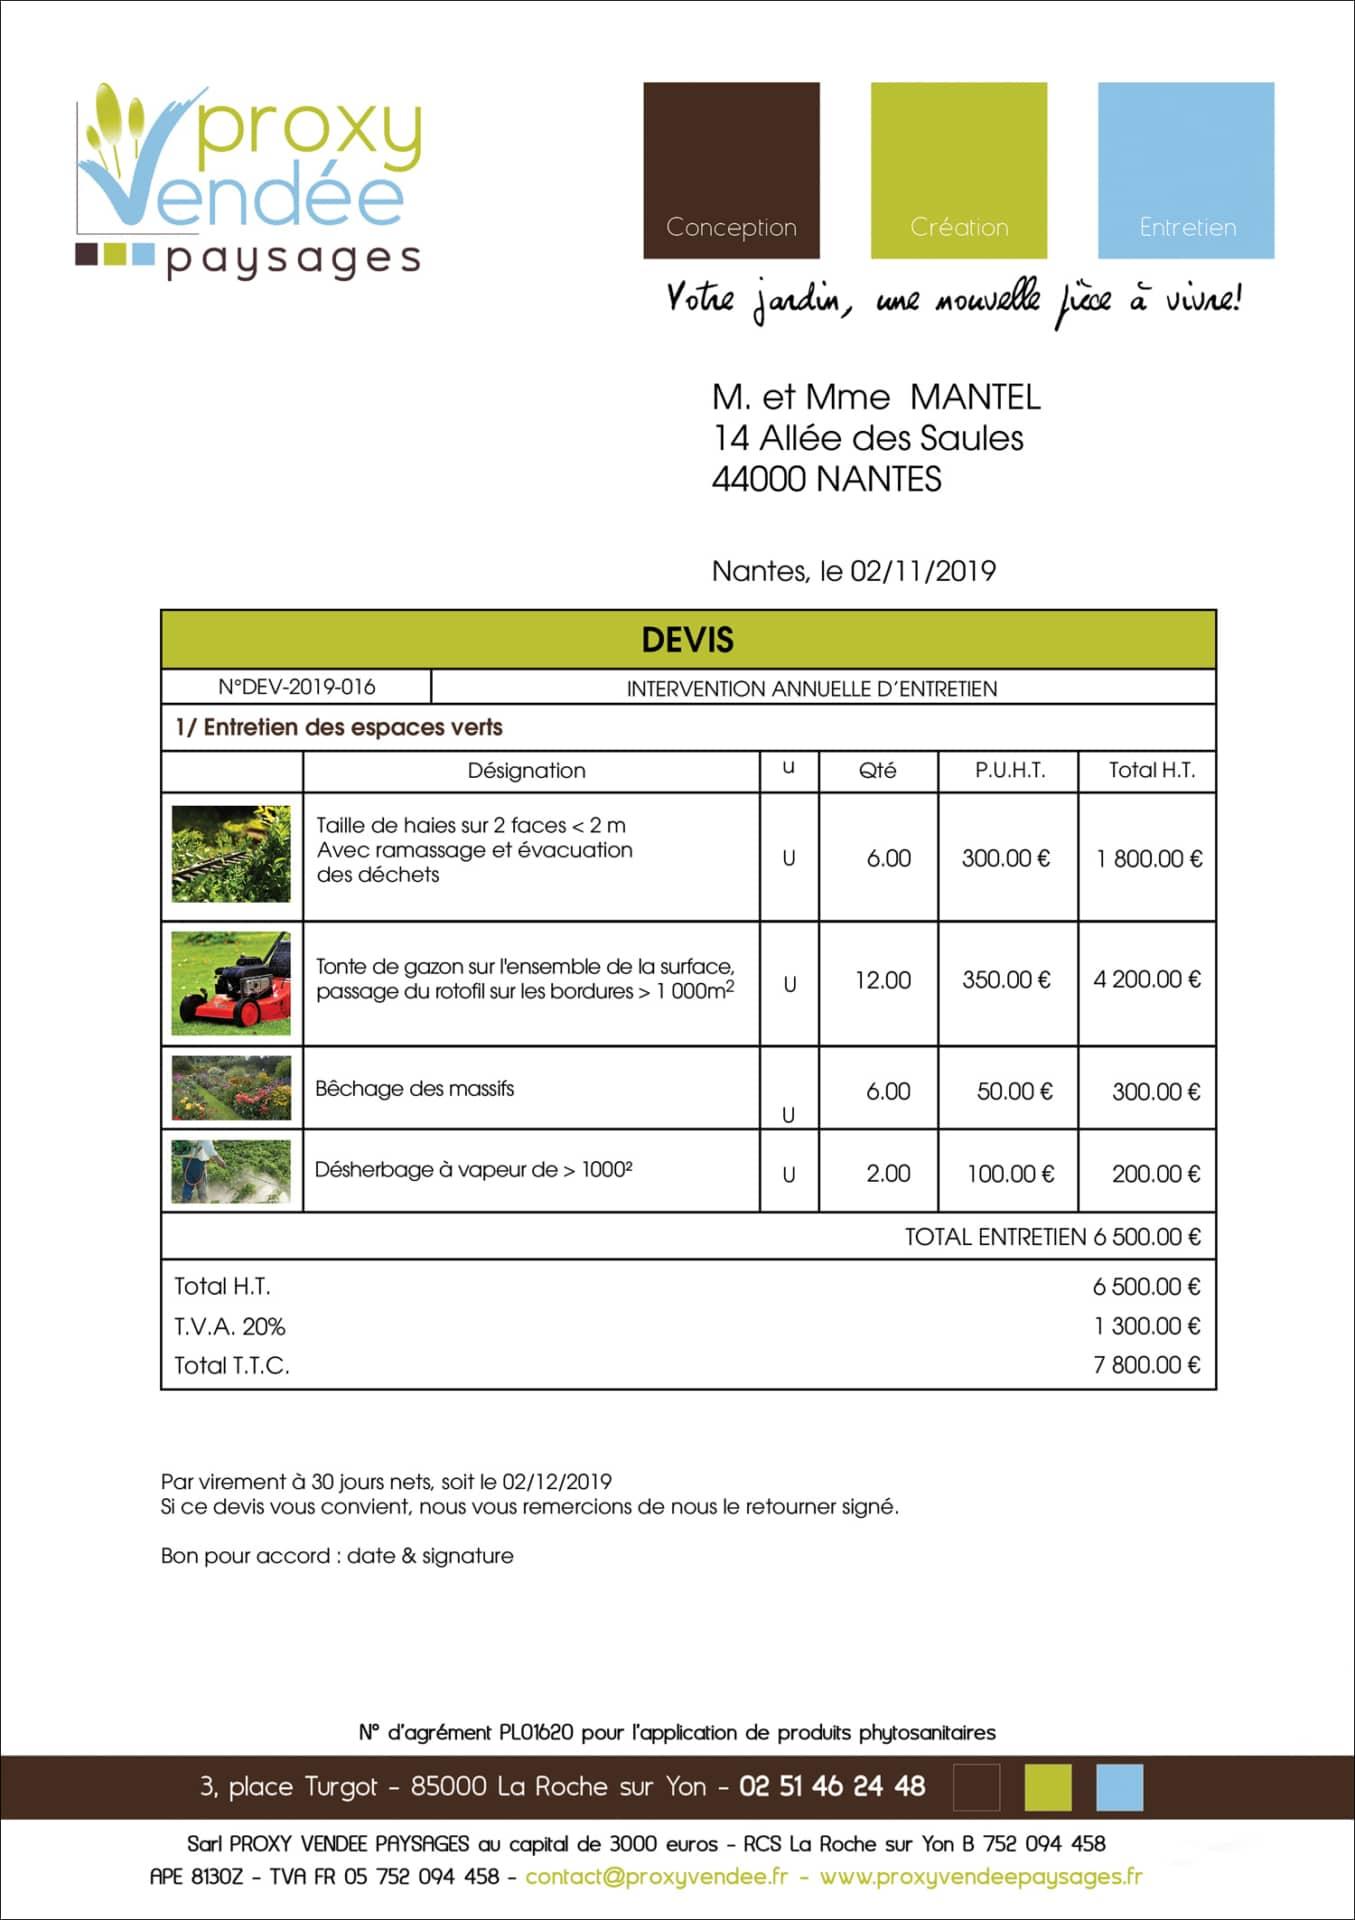 logiciel de gestion d u2019entreprise pour paysagistes